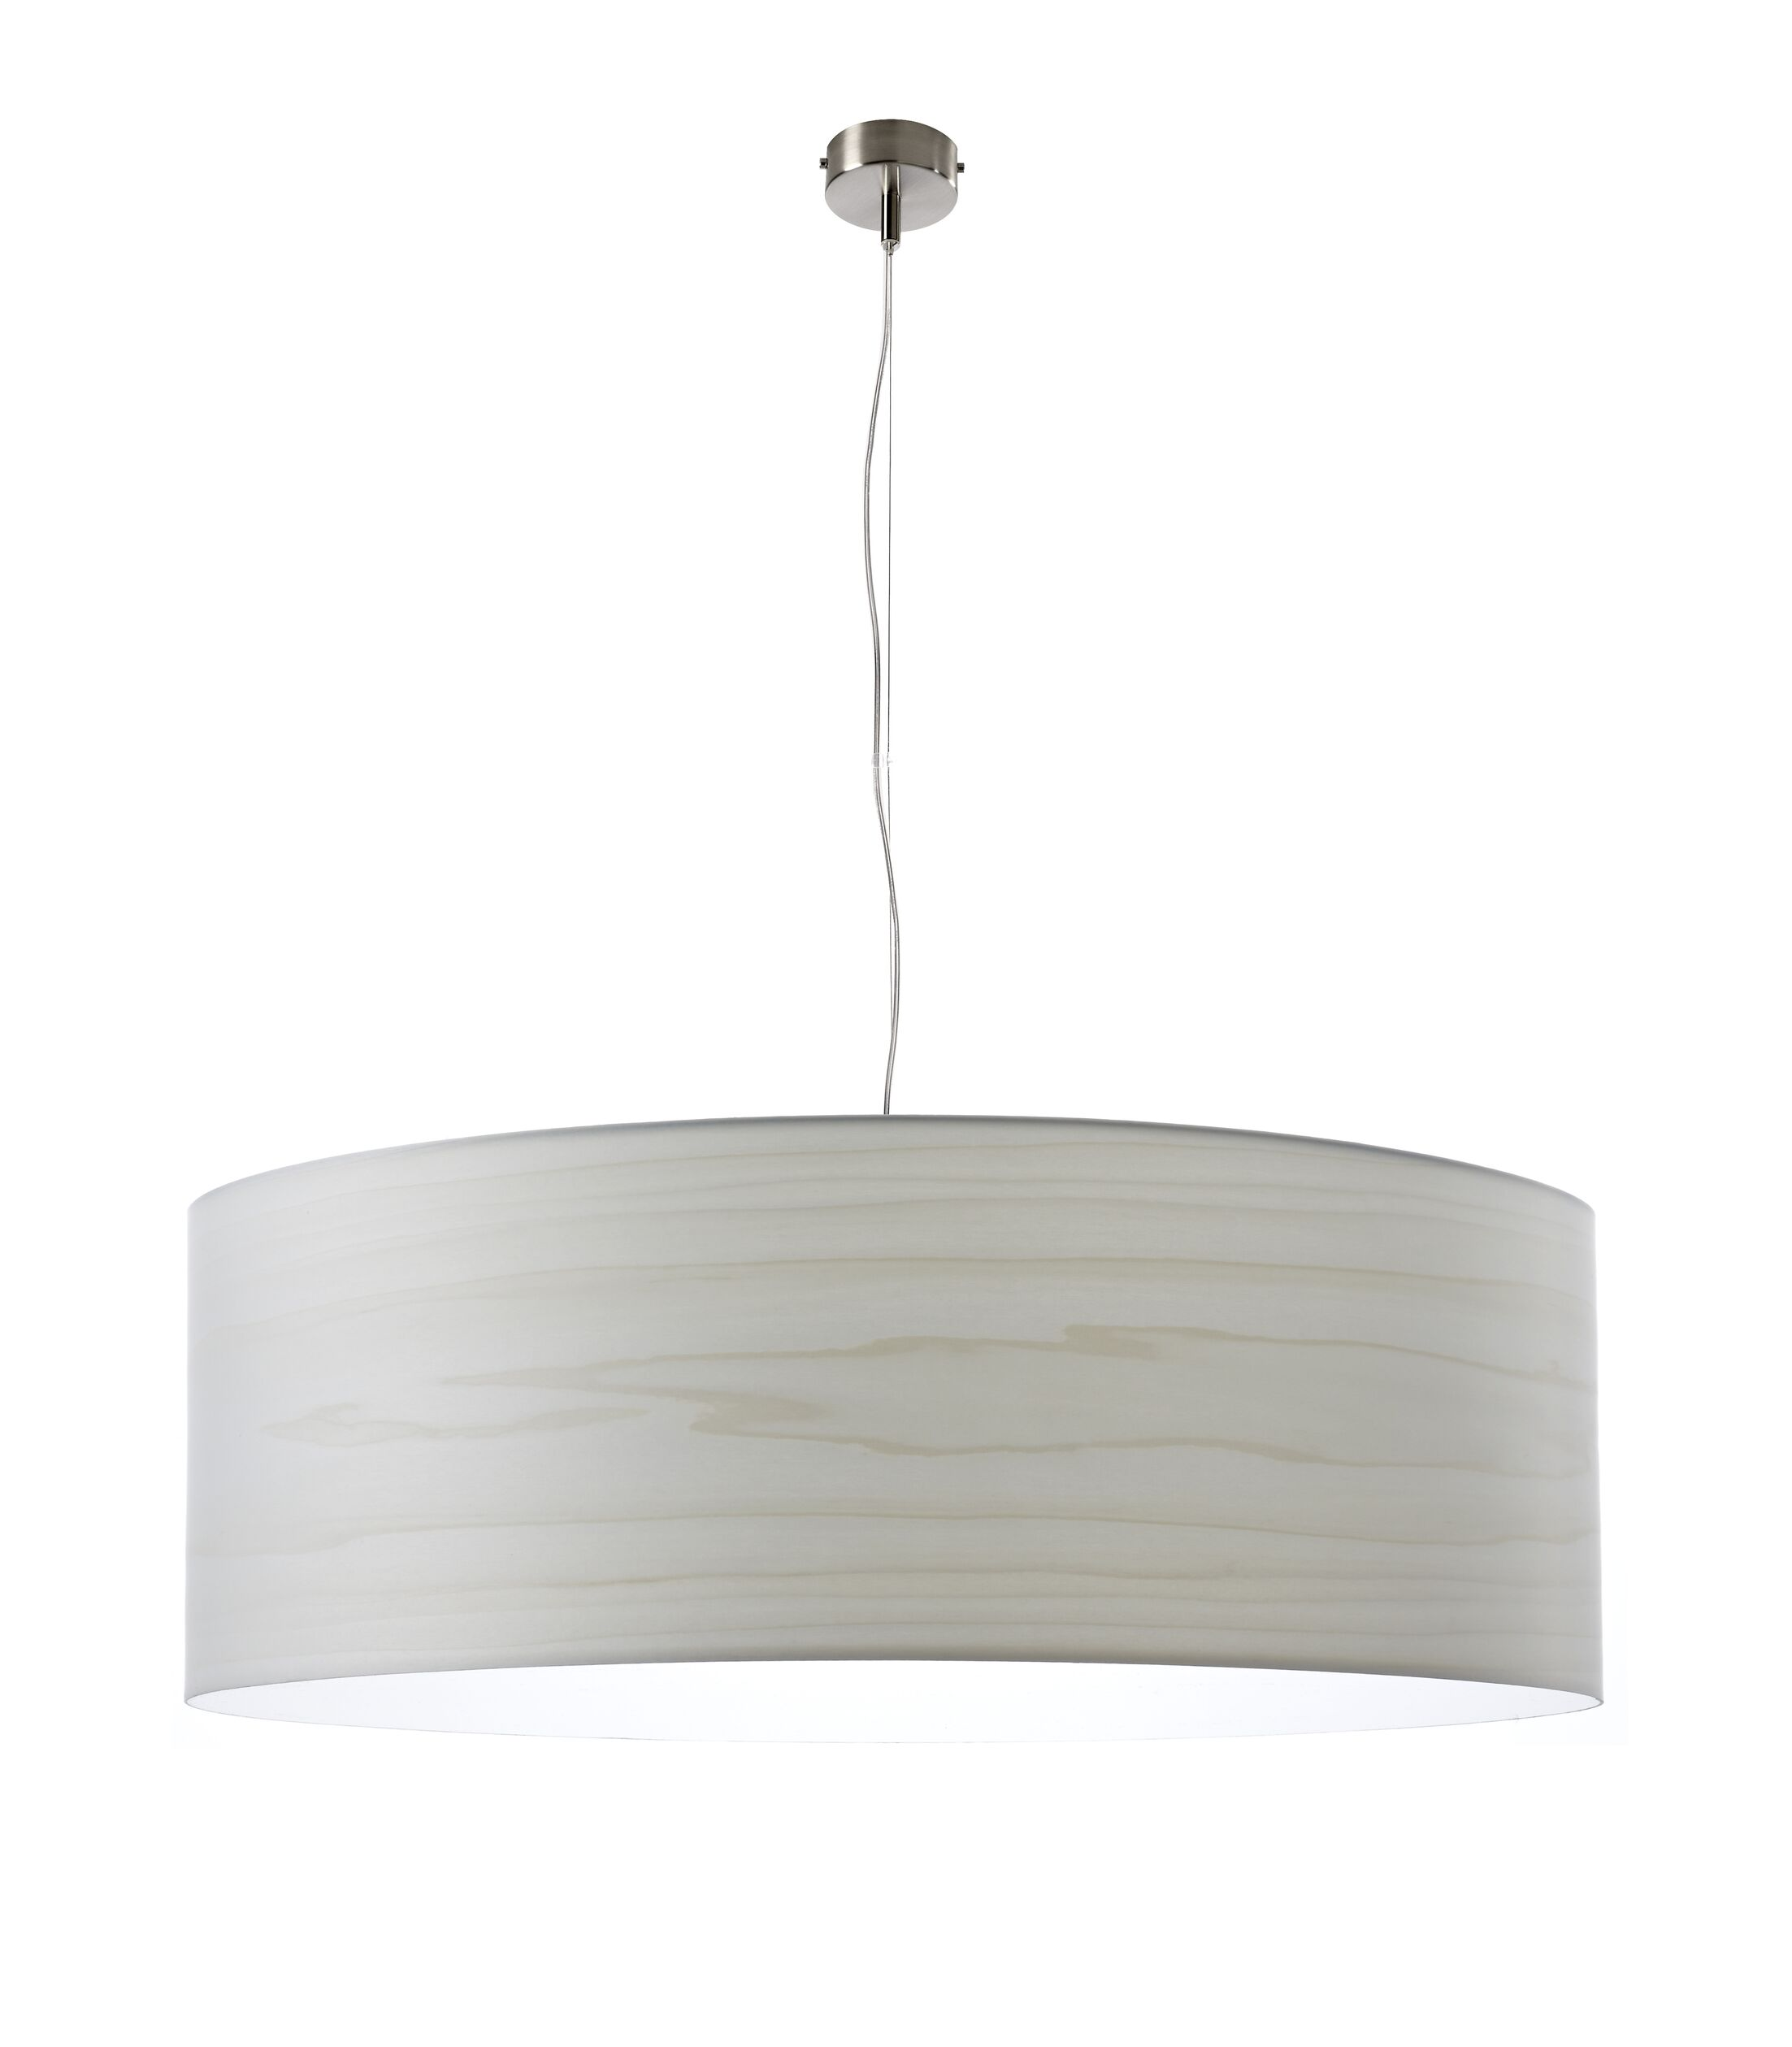 Gea 1-Light Pendant Finish: Ivory White, Bulb Type: GU24 Base, Size: 7.8